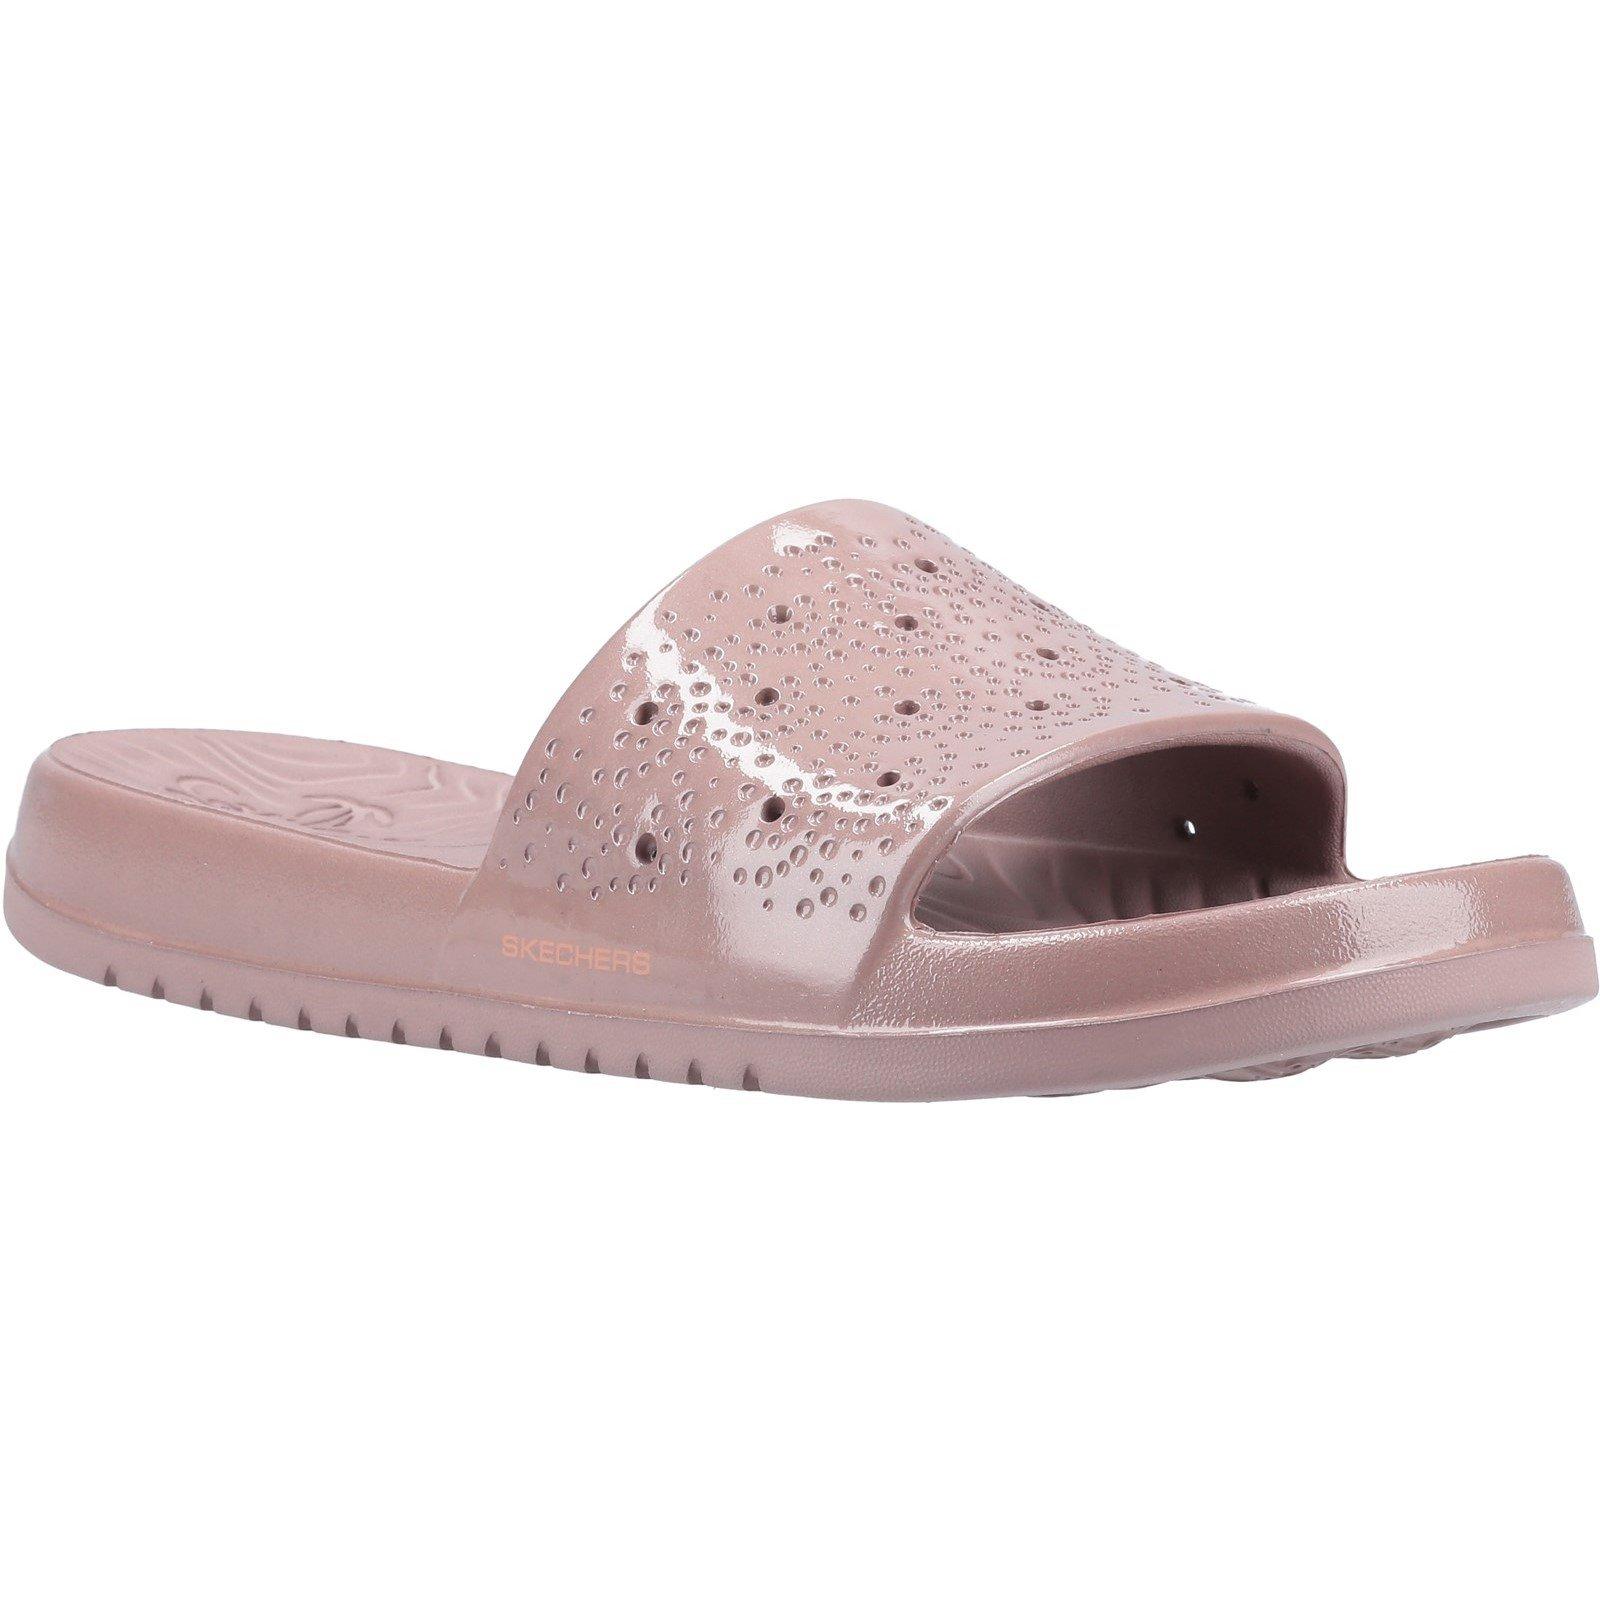 Skechers Women's Gleam Sizzling Slide Sandal Rose Gold 32373 - Rose Gold 8